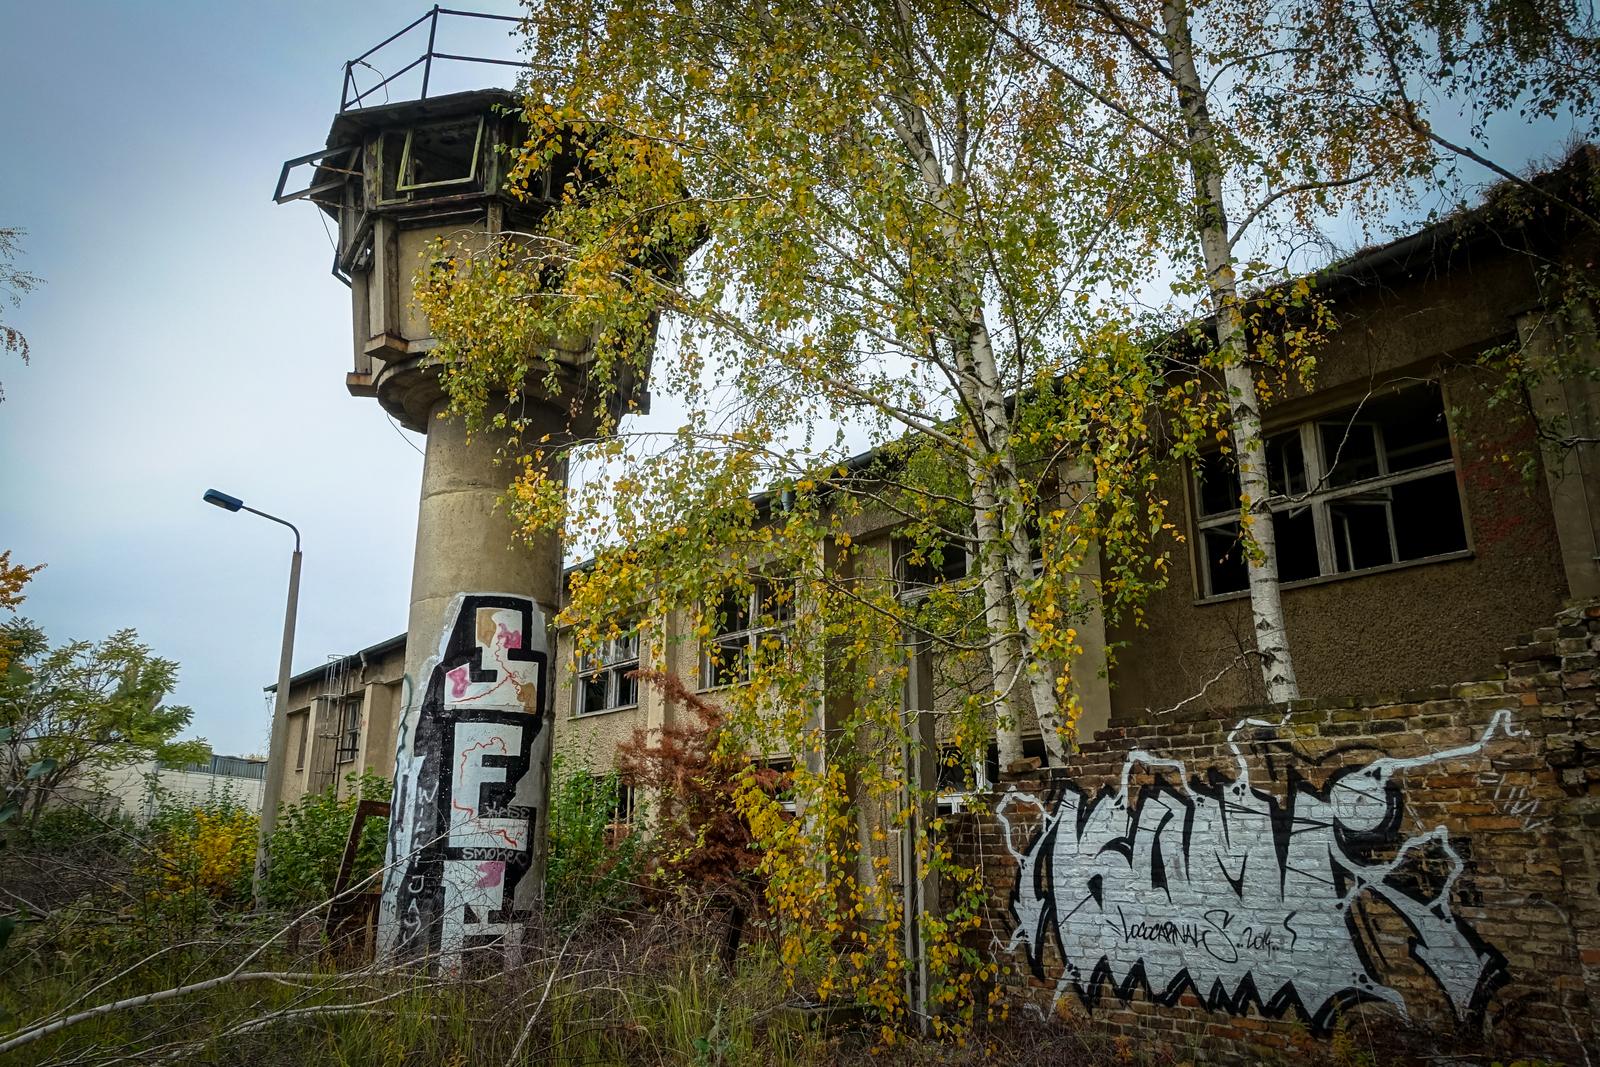 graffiti urbex in flugplatz johannisthal